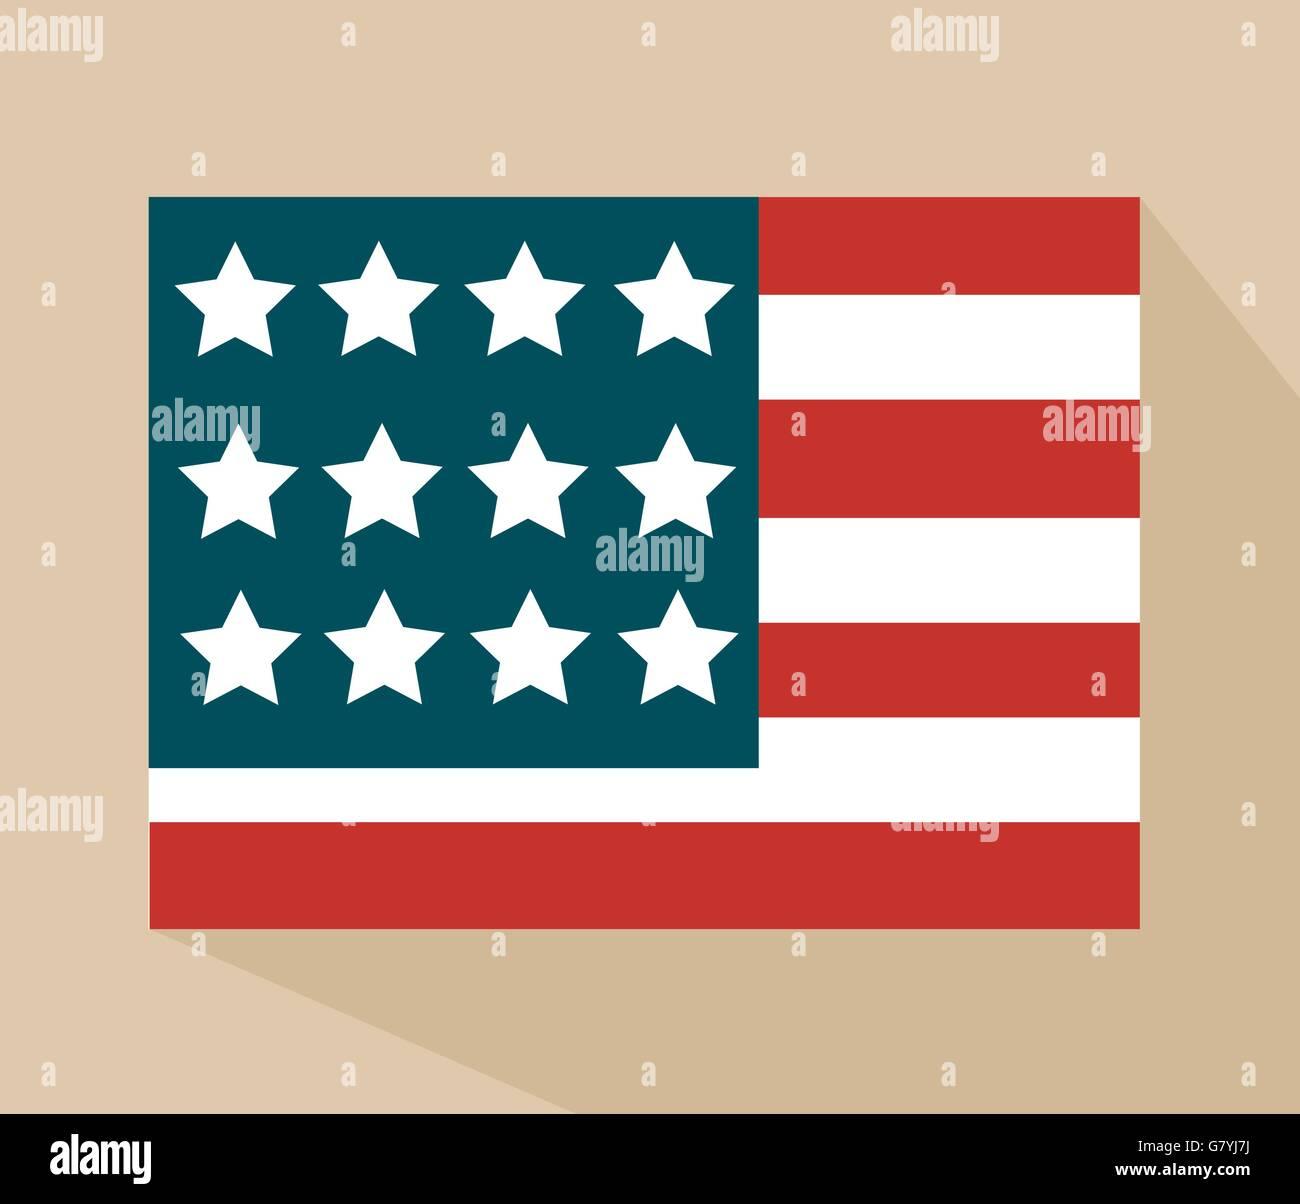 Fantastisch Texas State Flagge Färbung Seite Galerie - Beispiel ...